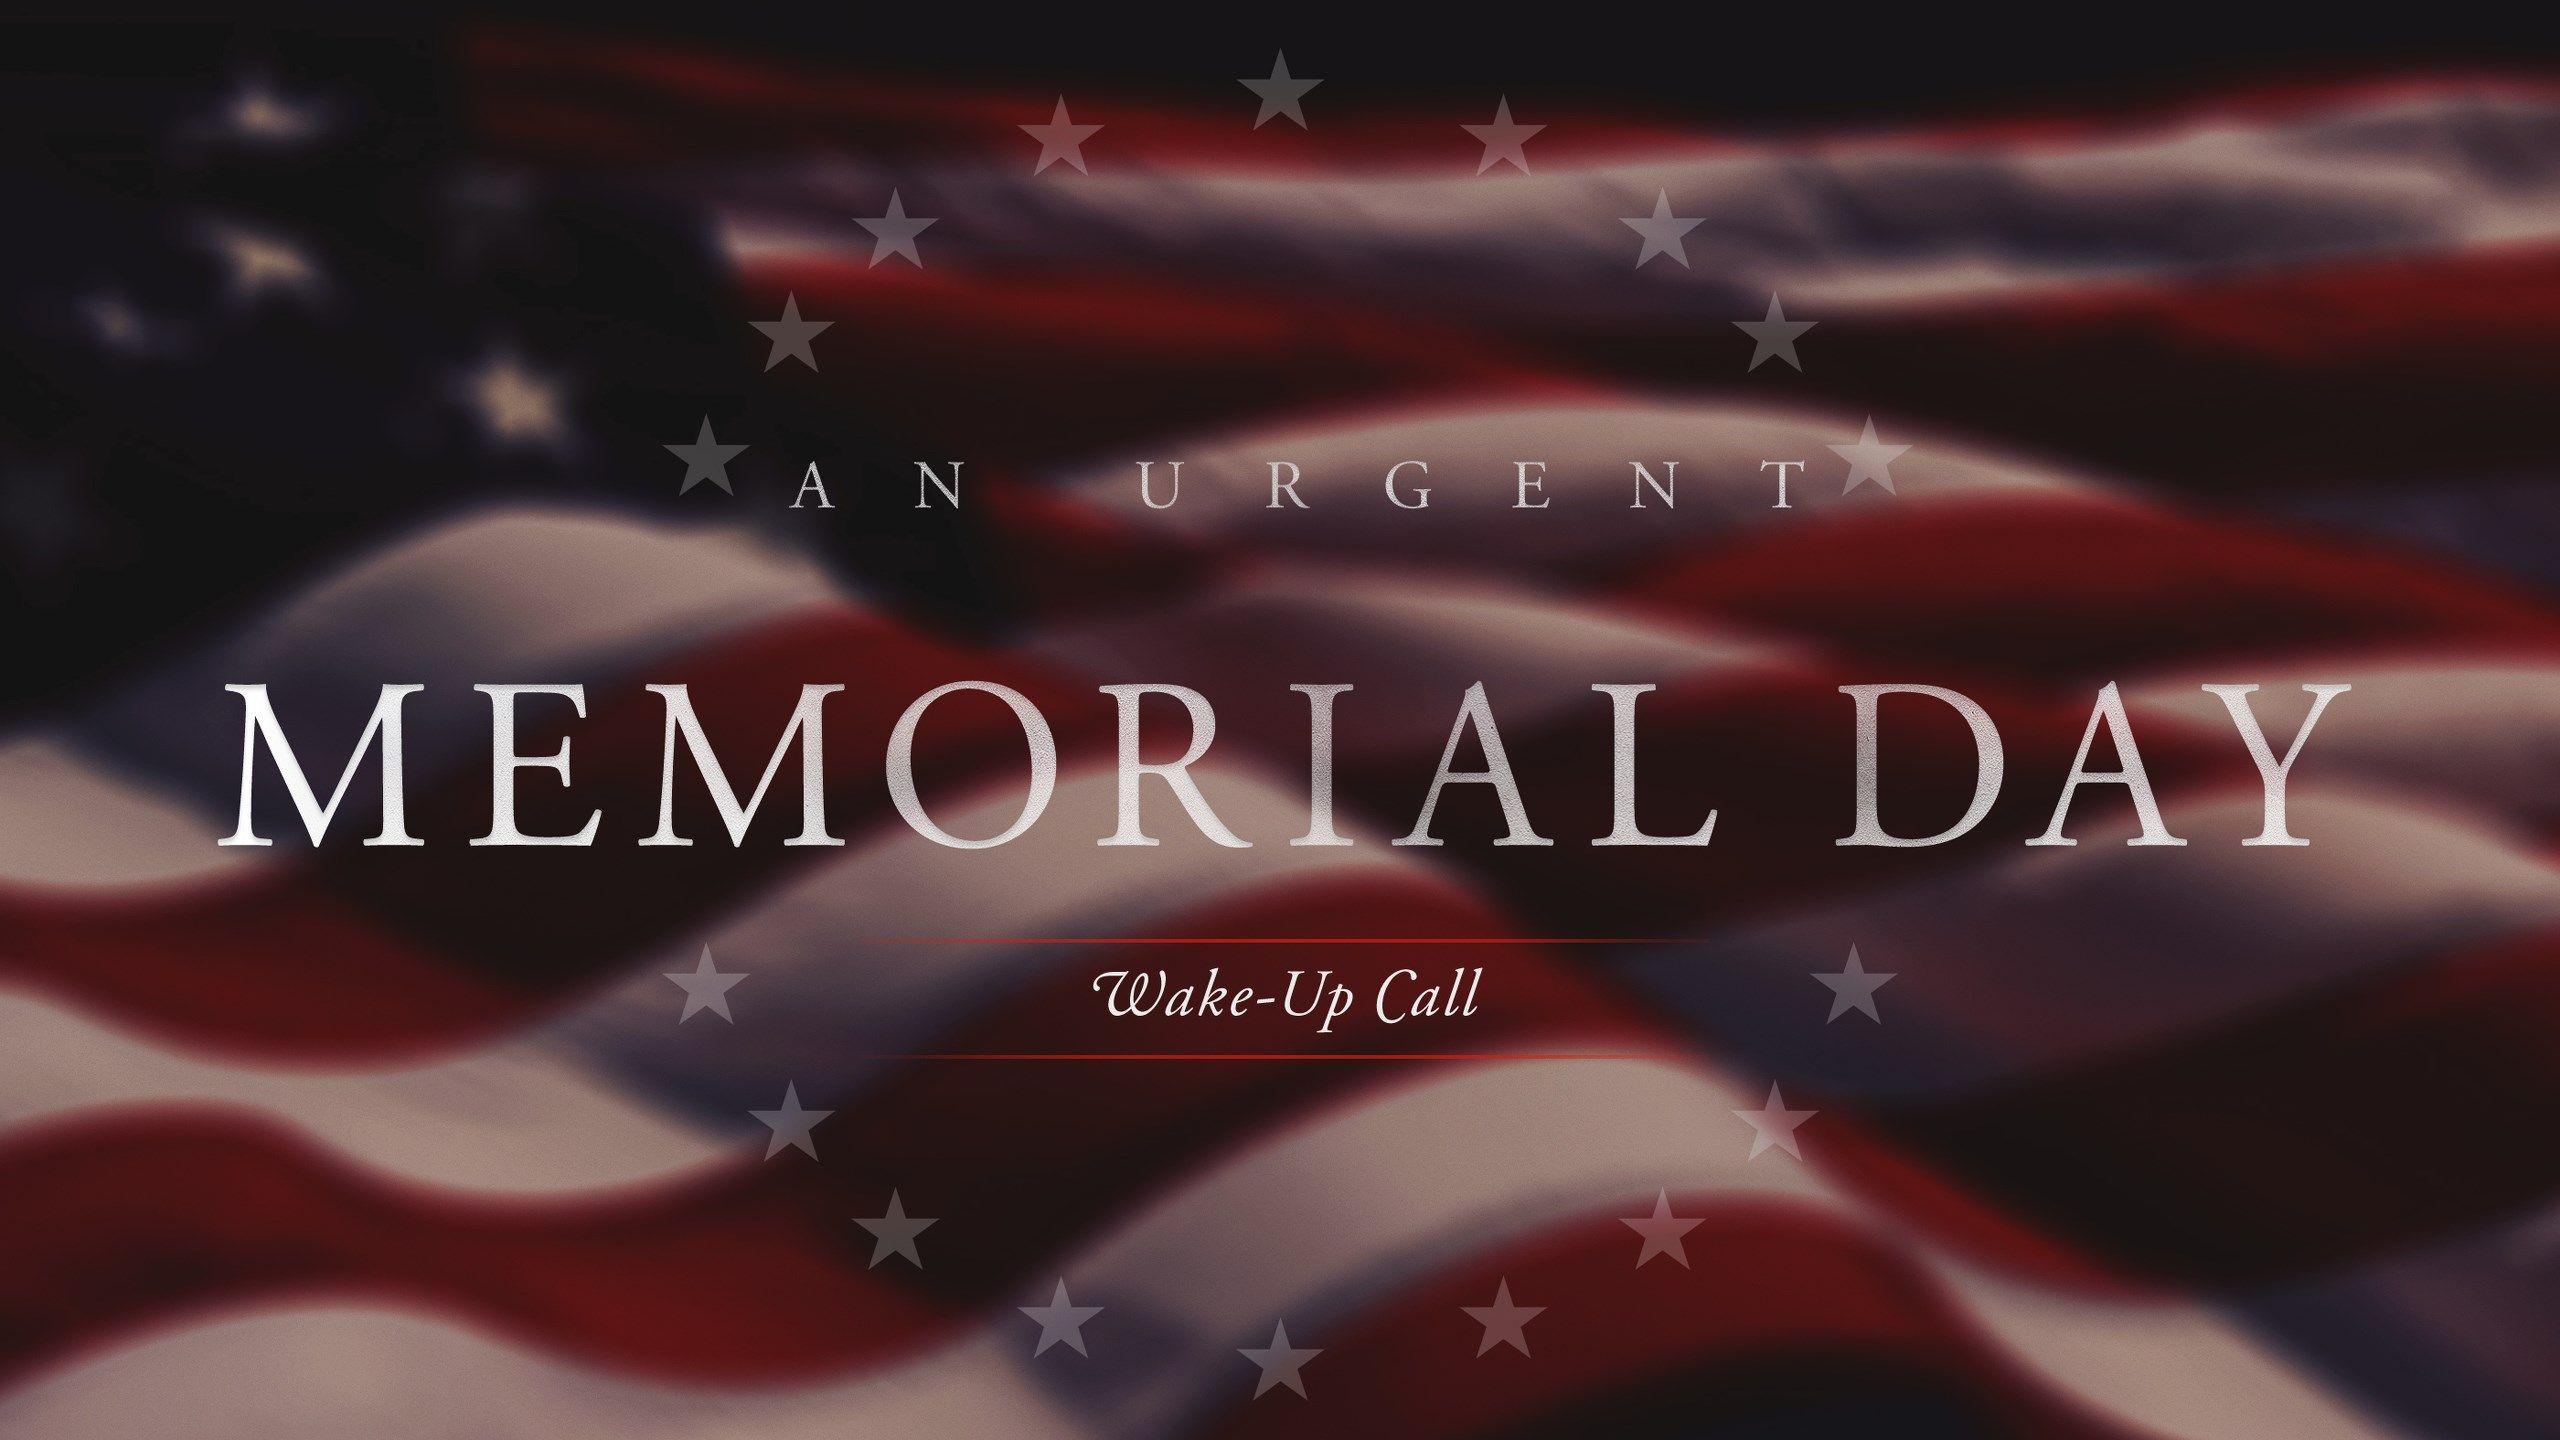 Memorial Day Memorial Day Pictures Memorial Day Memories